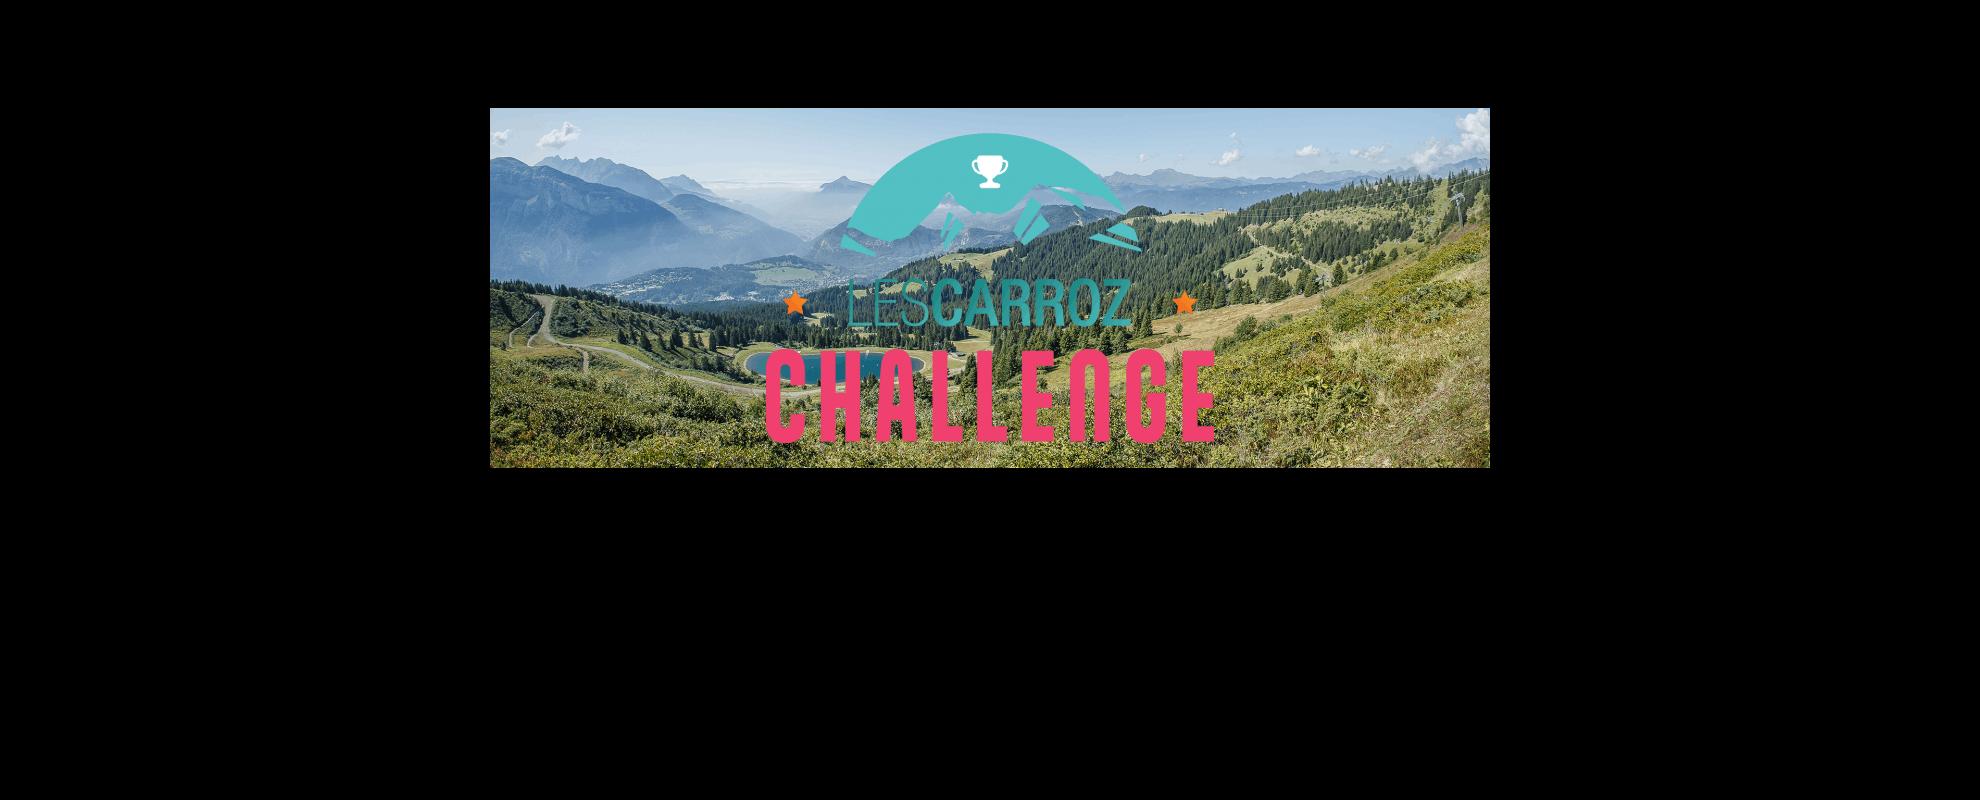 Les Carroz Challenge - CGH Résidences